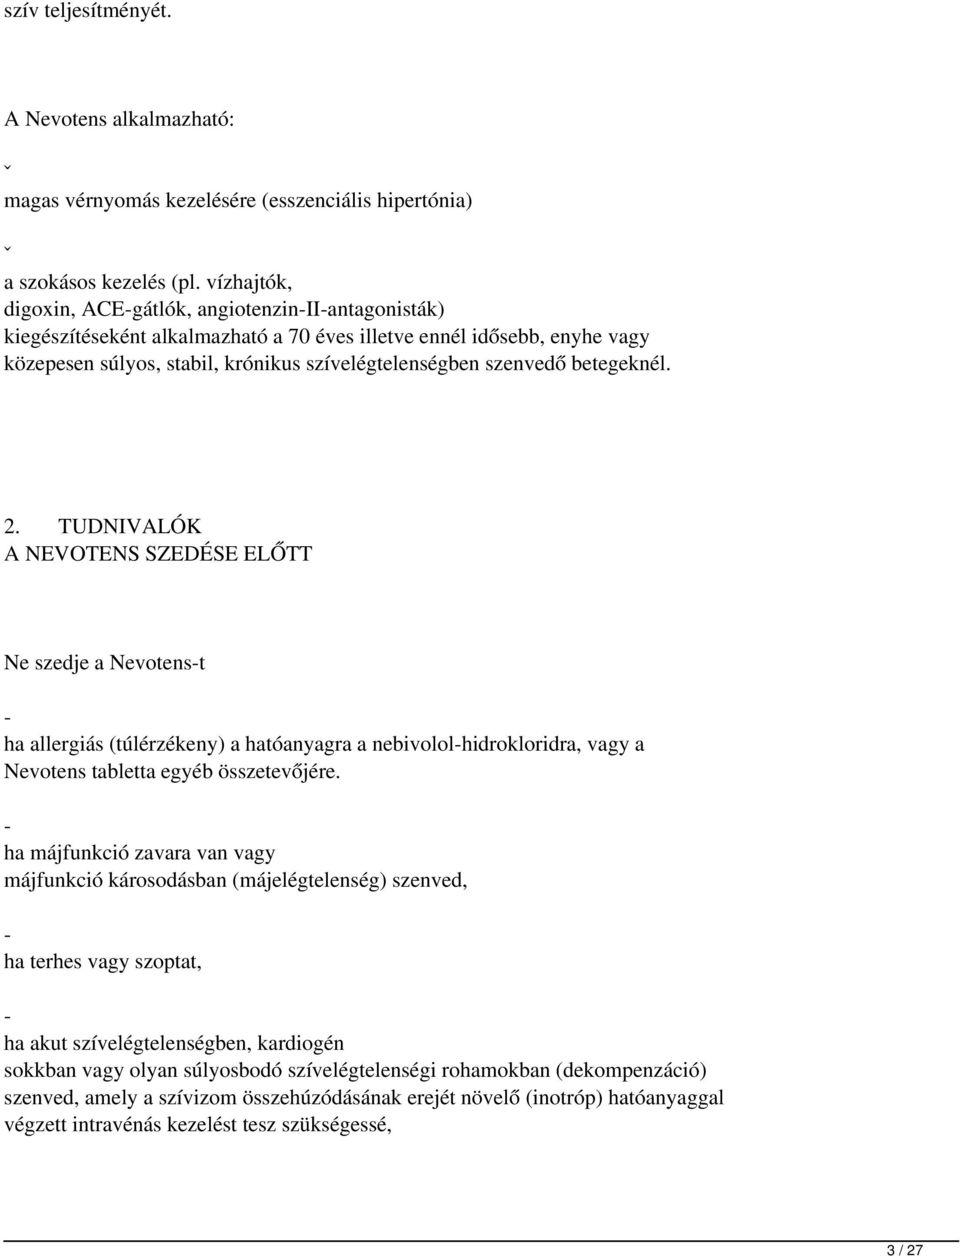 nebilet gyógyszer magas vérnyomás ellen)